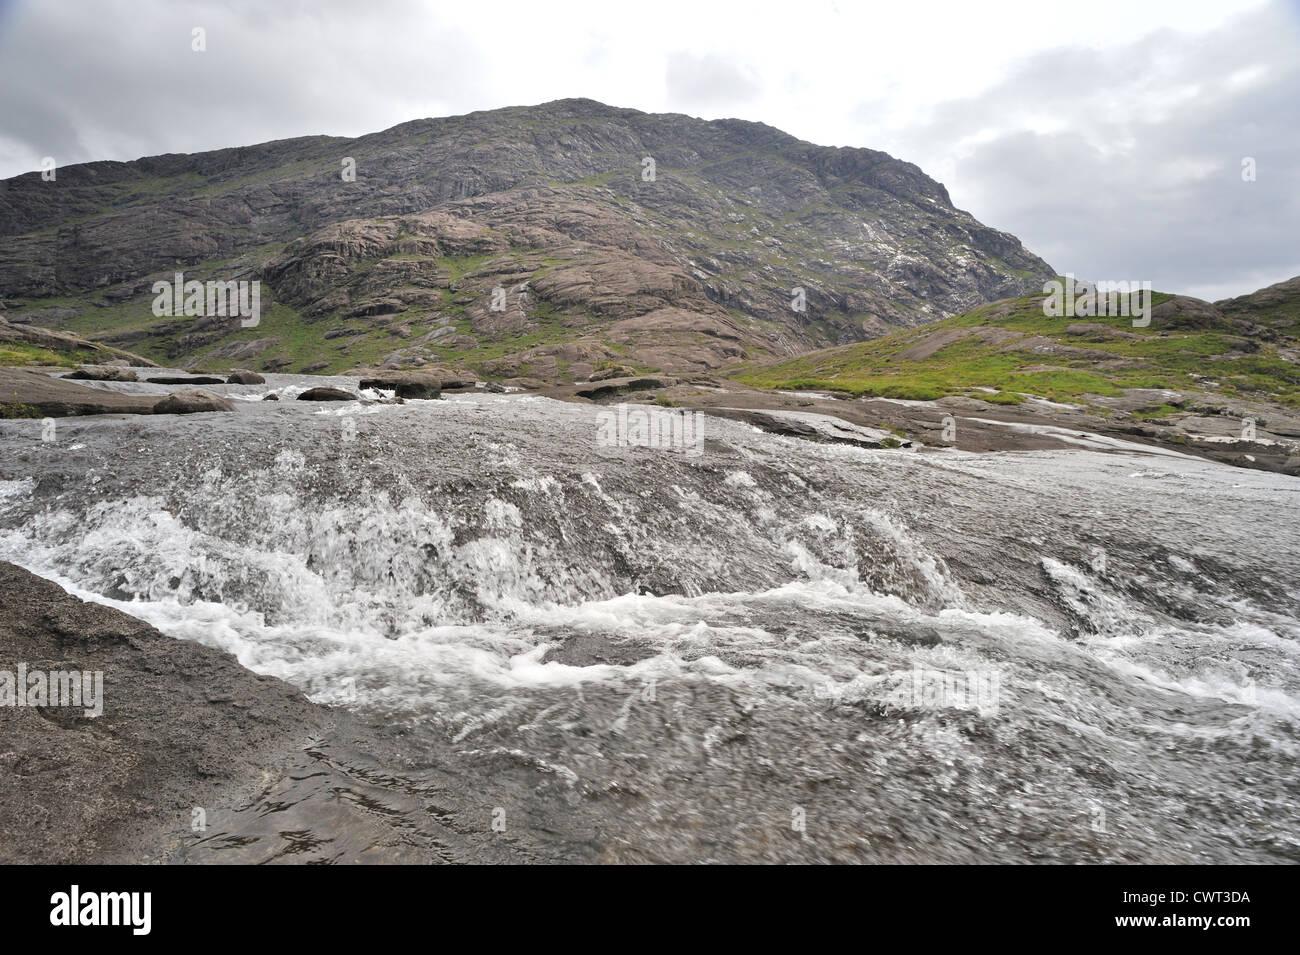 Schnell fließenden Fluss hinunter läuft von Bergen Stockbild